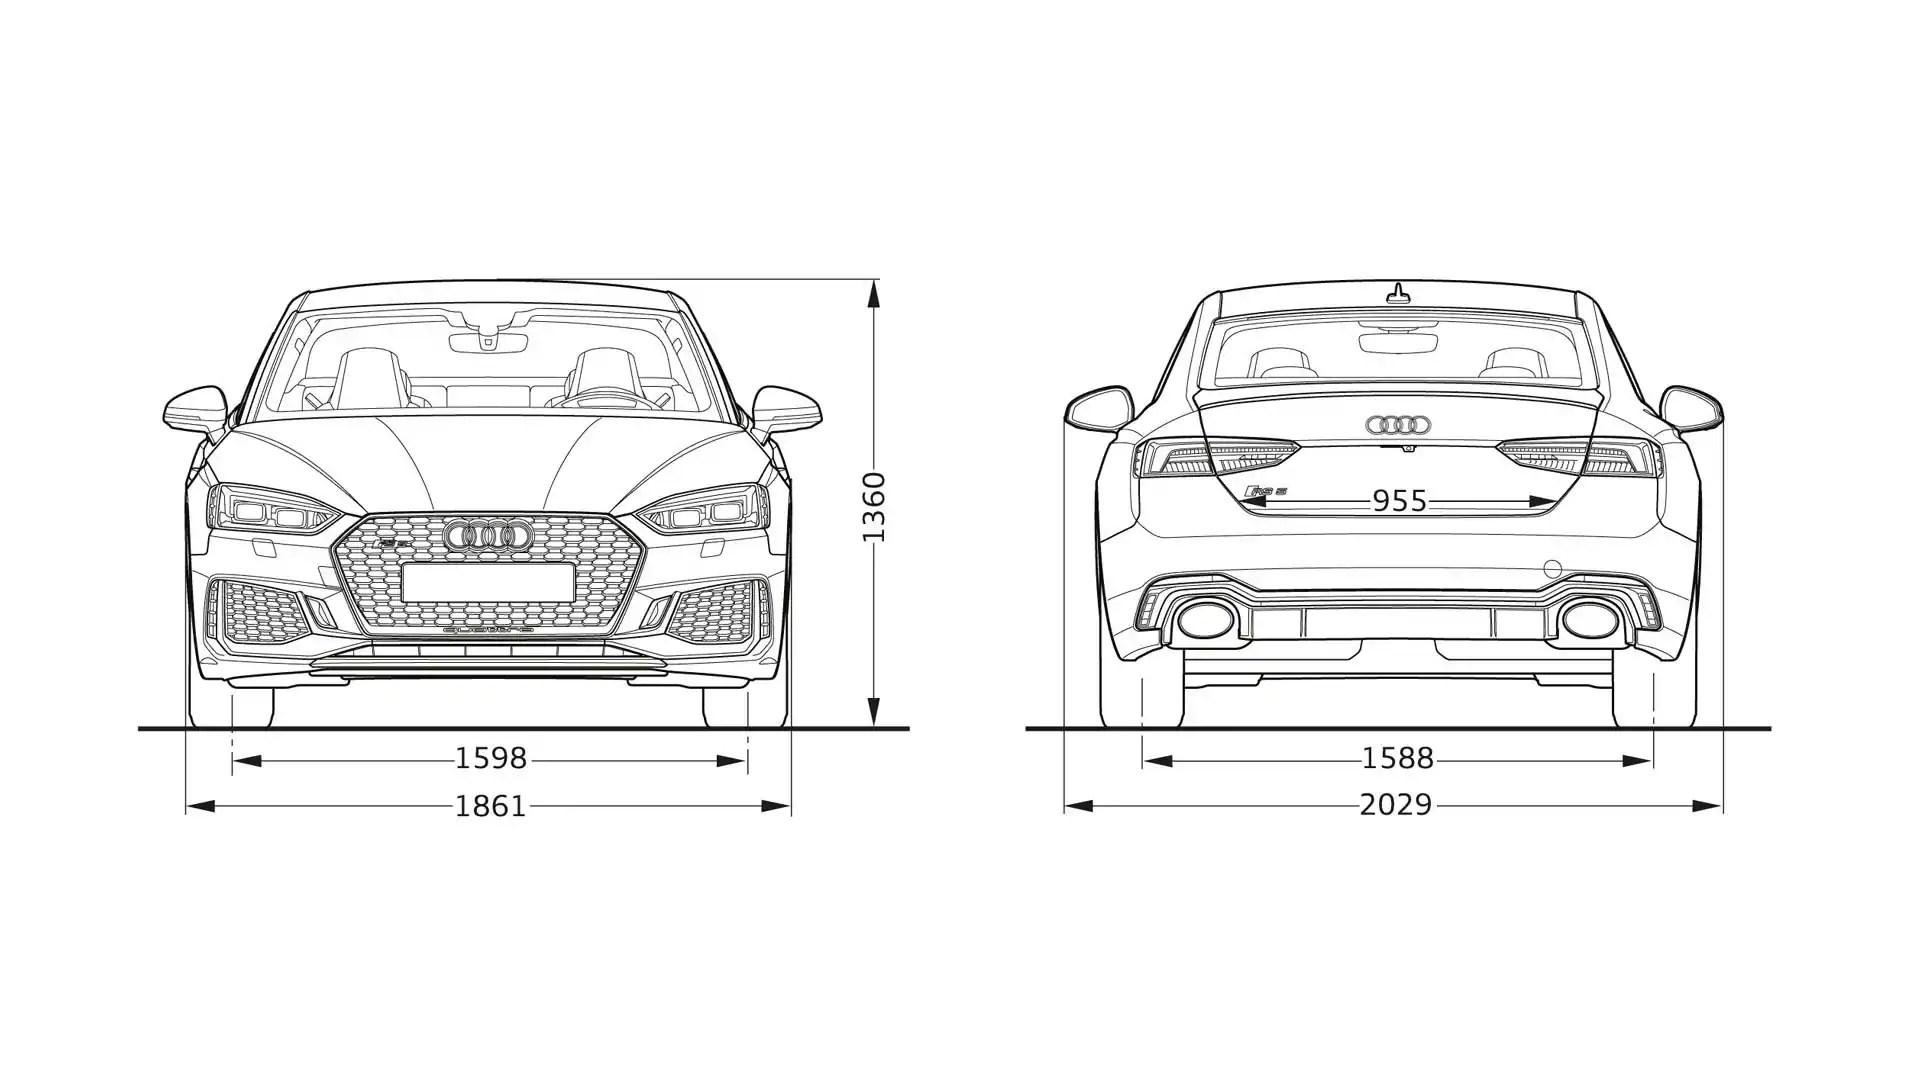 Audi Rs5 Dimensions Gt Audi Rs5 Coupe Gt Audi Models